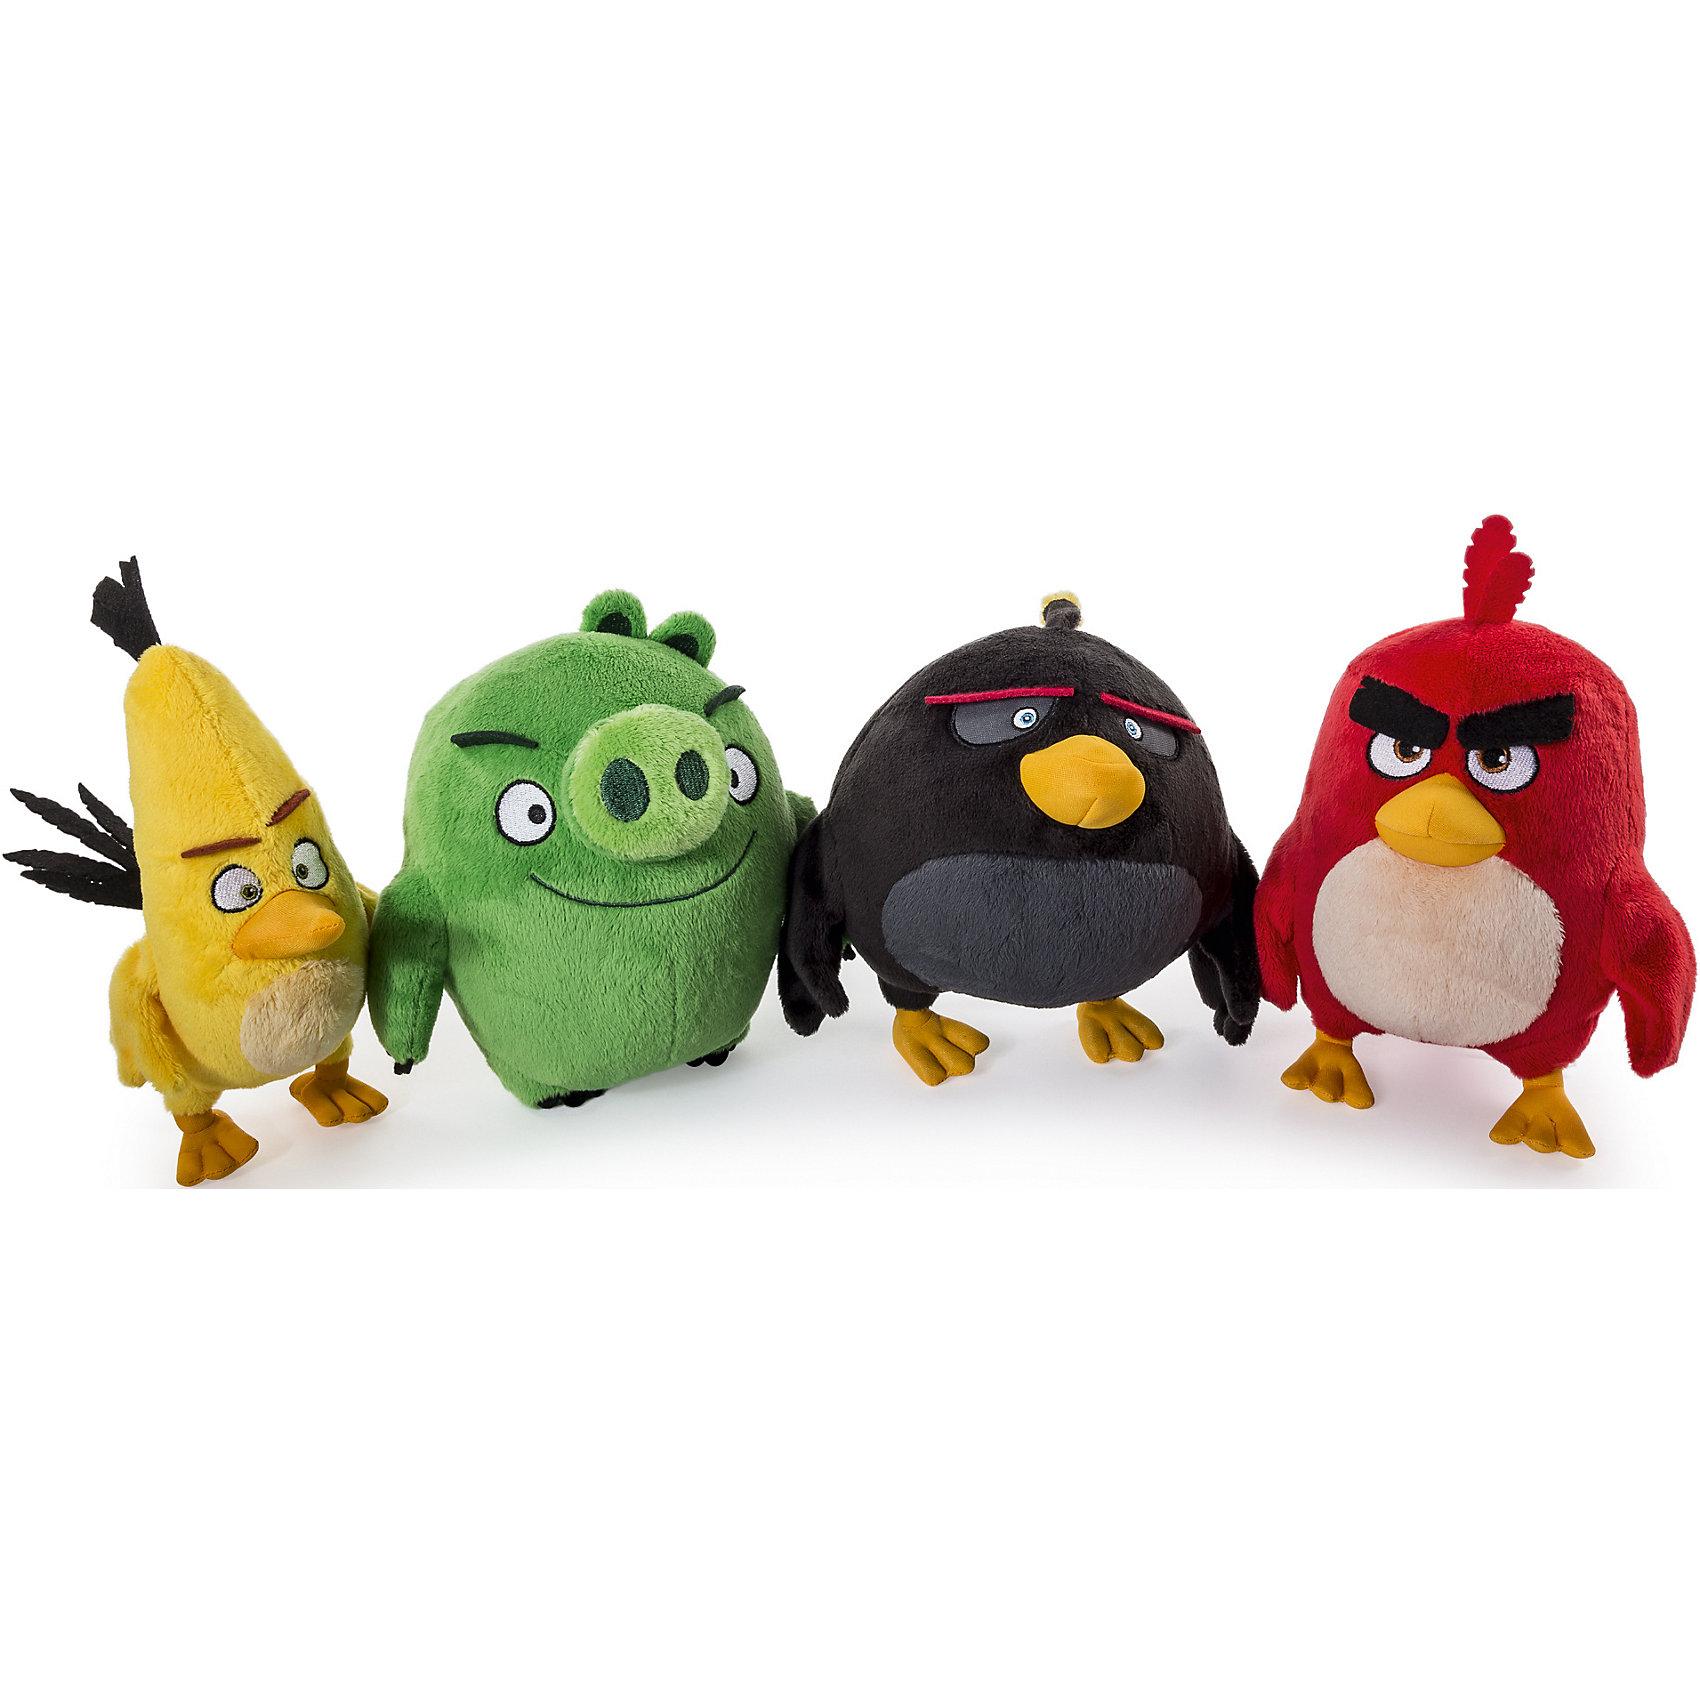 - Плюшевая птичка 20см, Angry Birds angry birds мяг игр 20см желтая птица и игрушка подвеска с клипом 7см